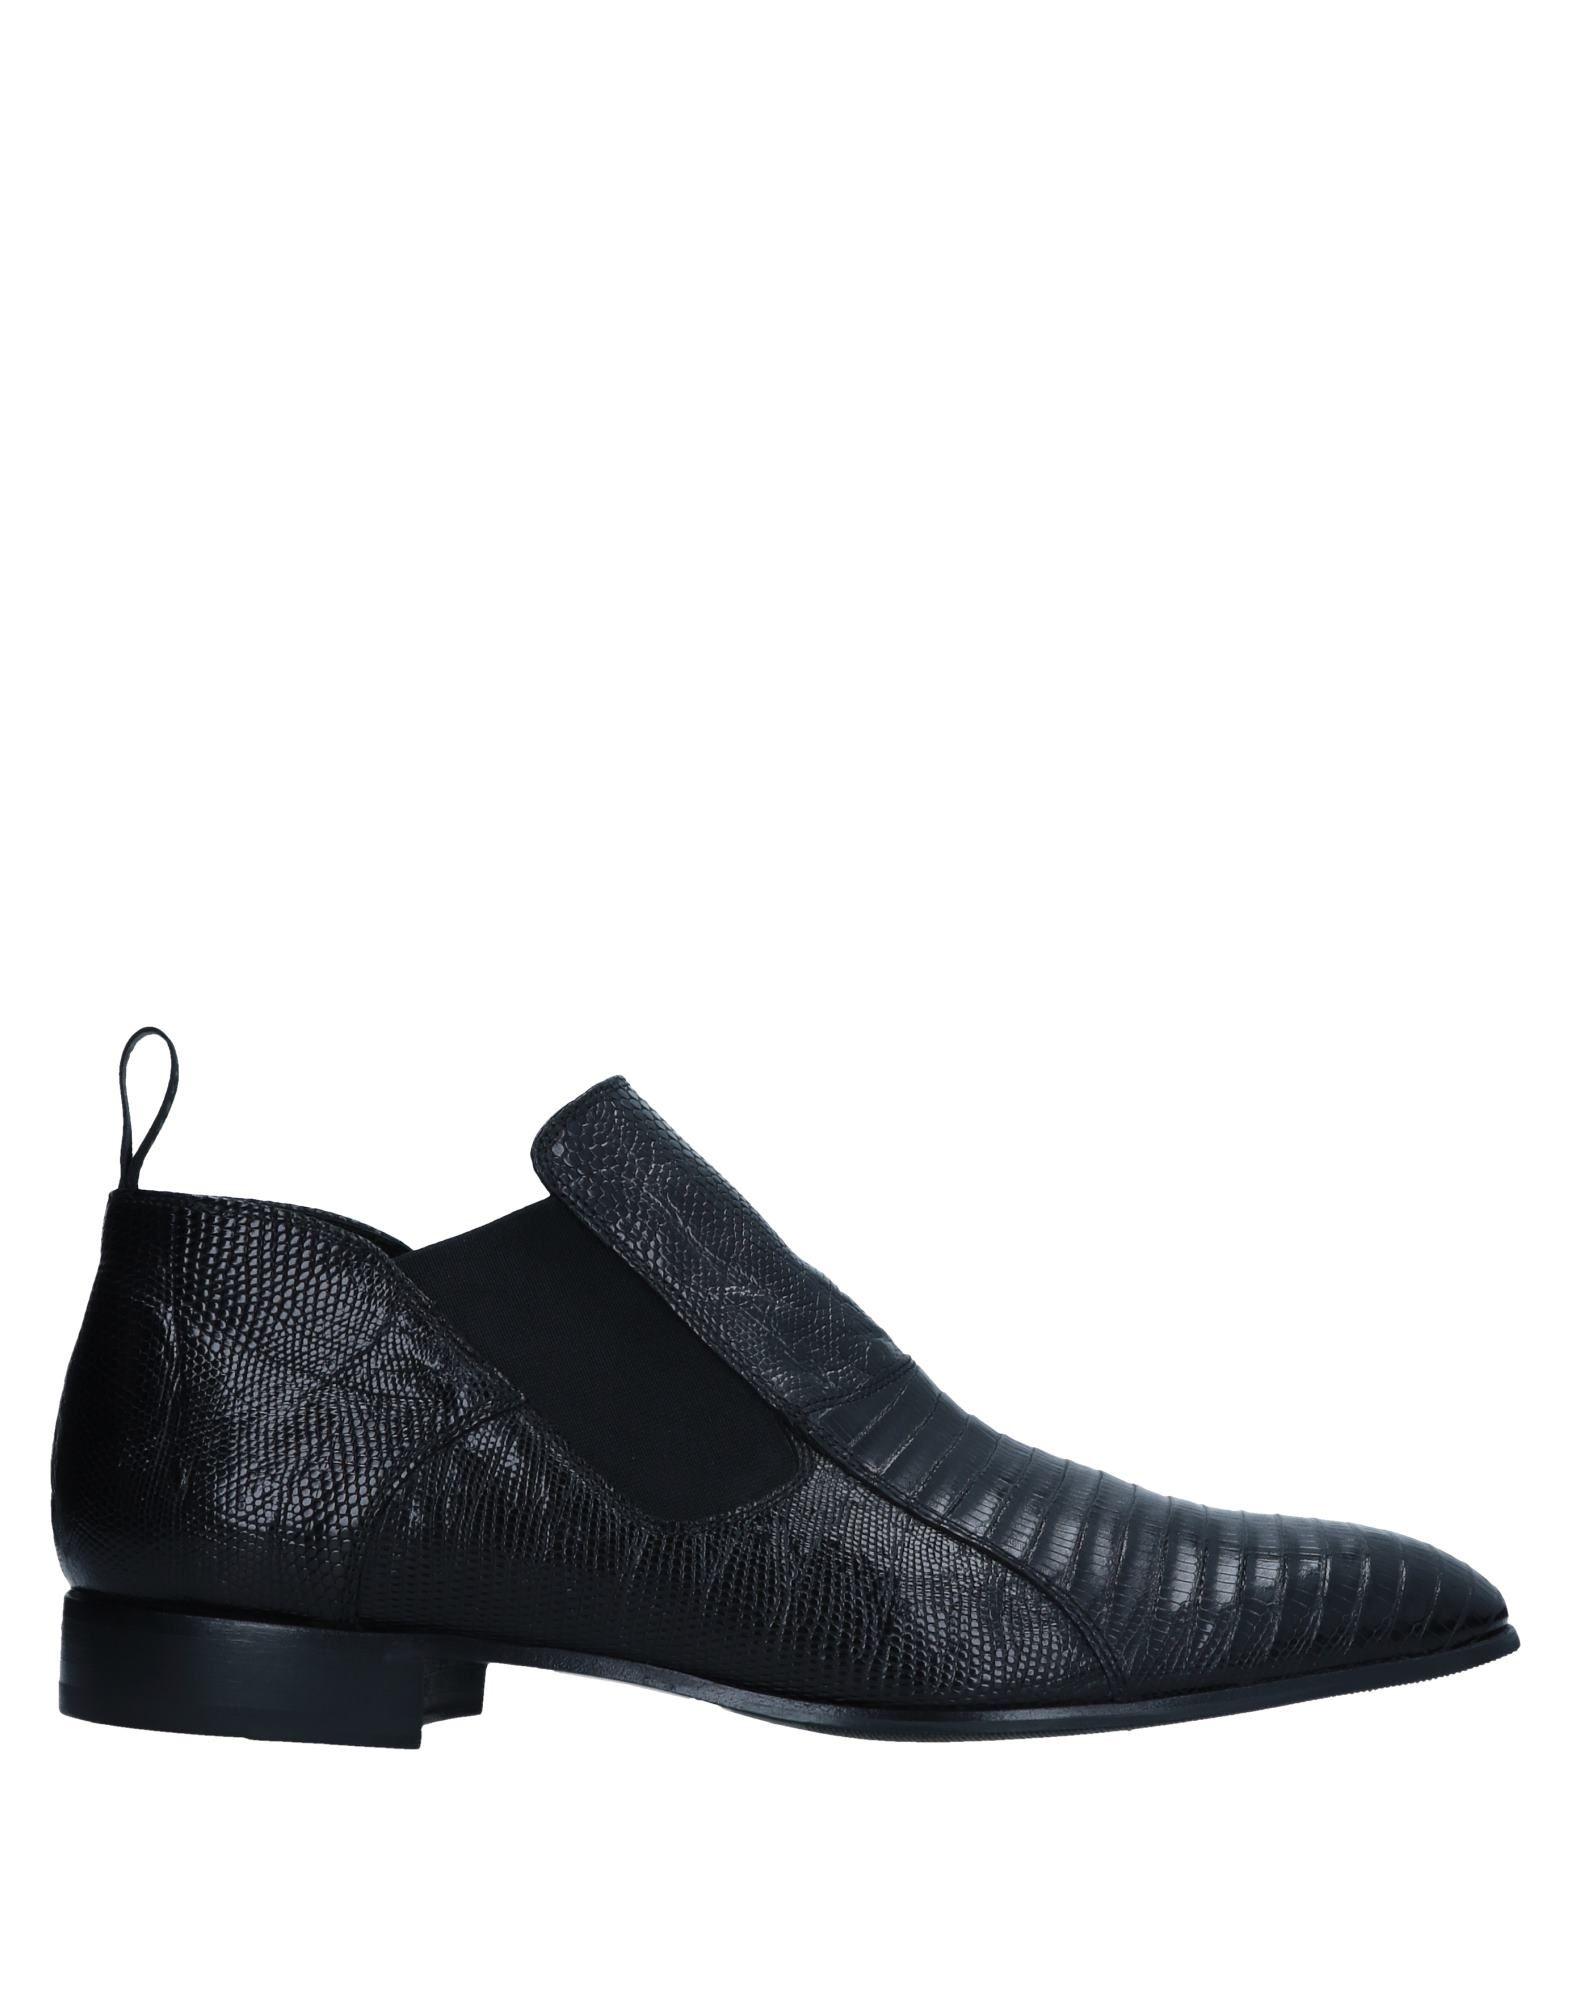 ROBERTO BOTTICELLI Полусапоги и высокие ботинки цены онлайн